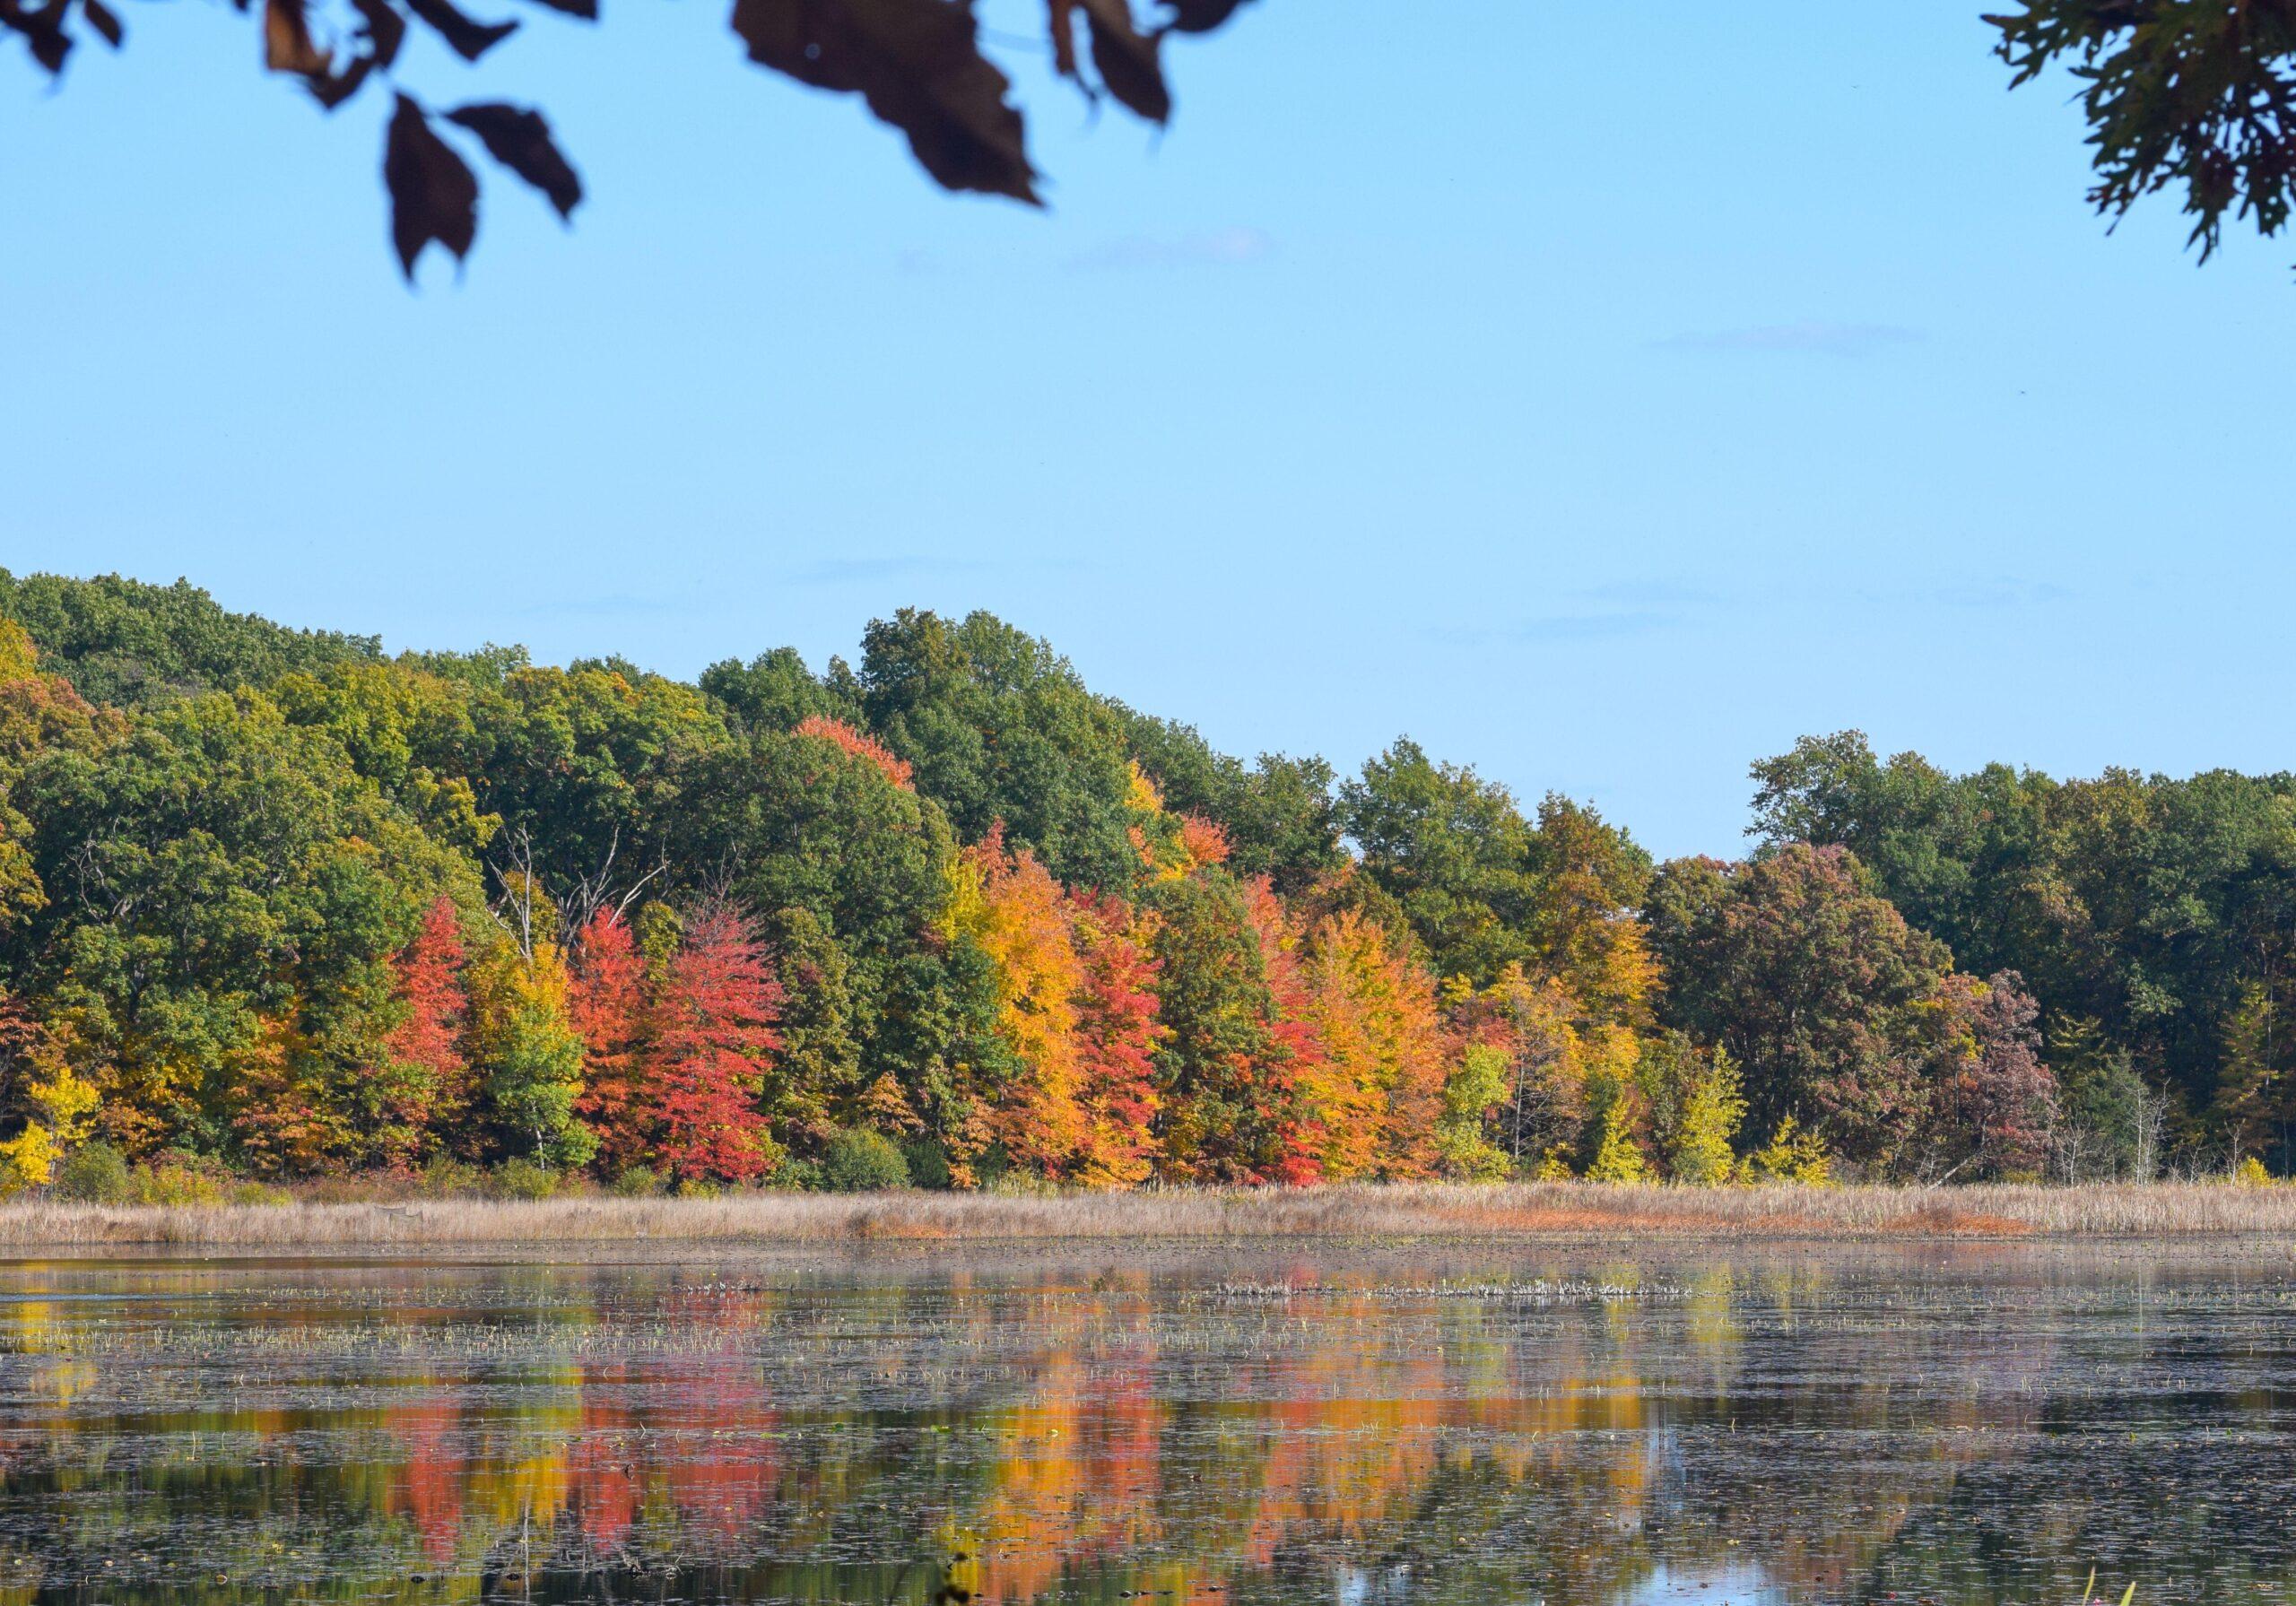 Ann Arbor - As Tree Town